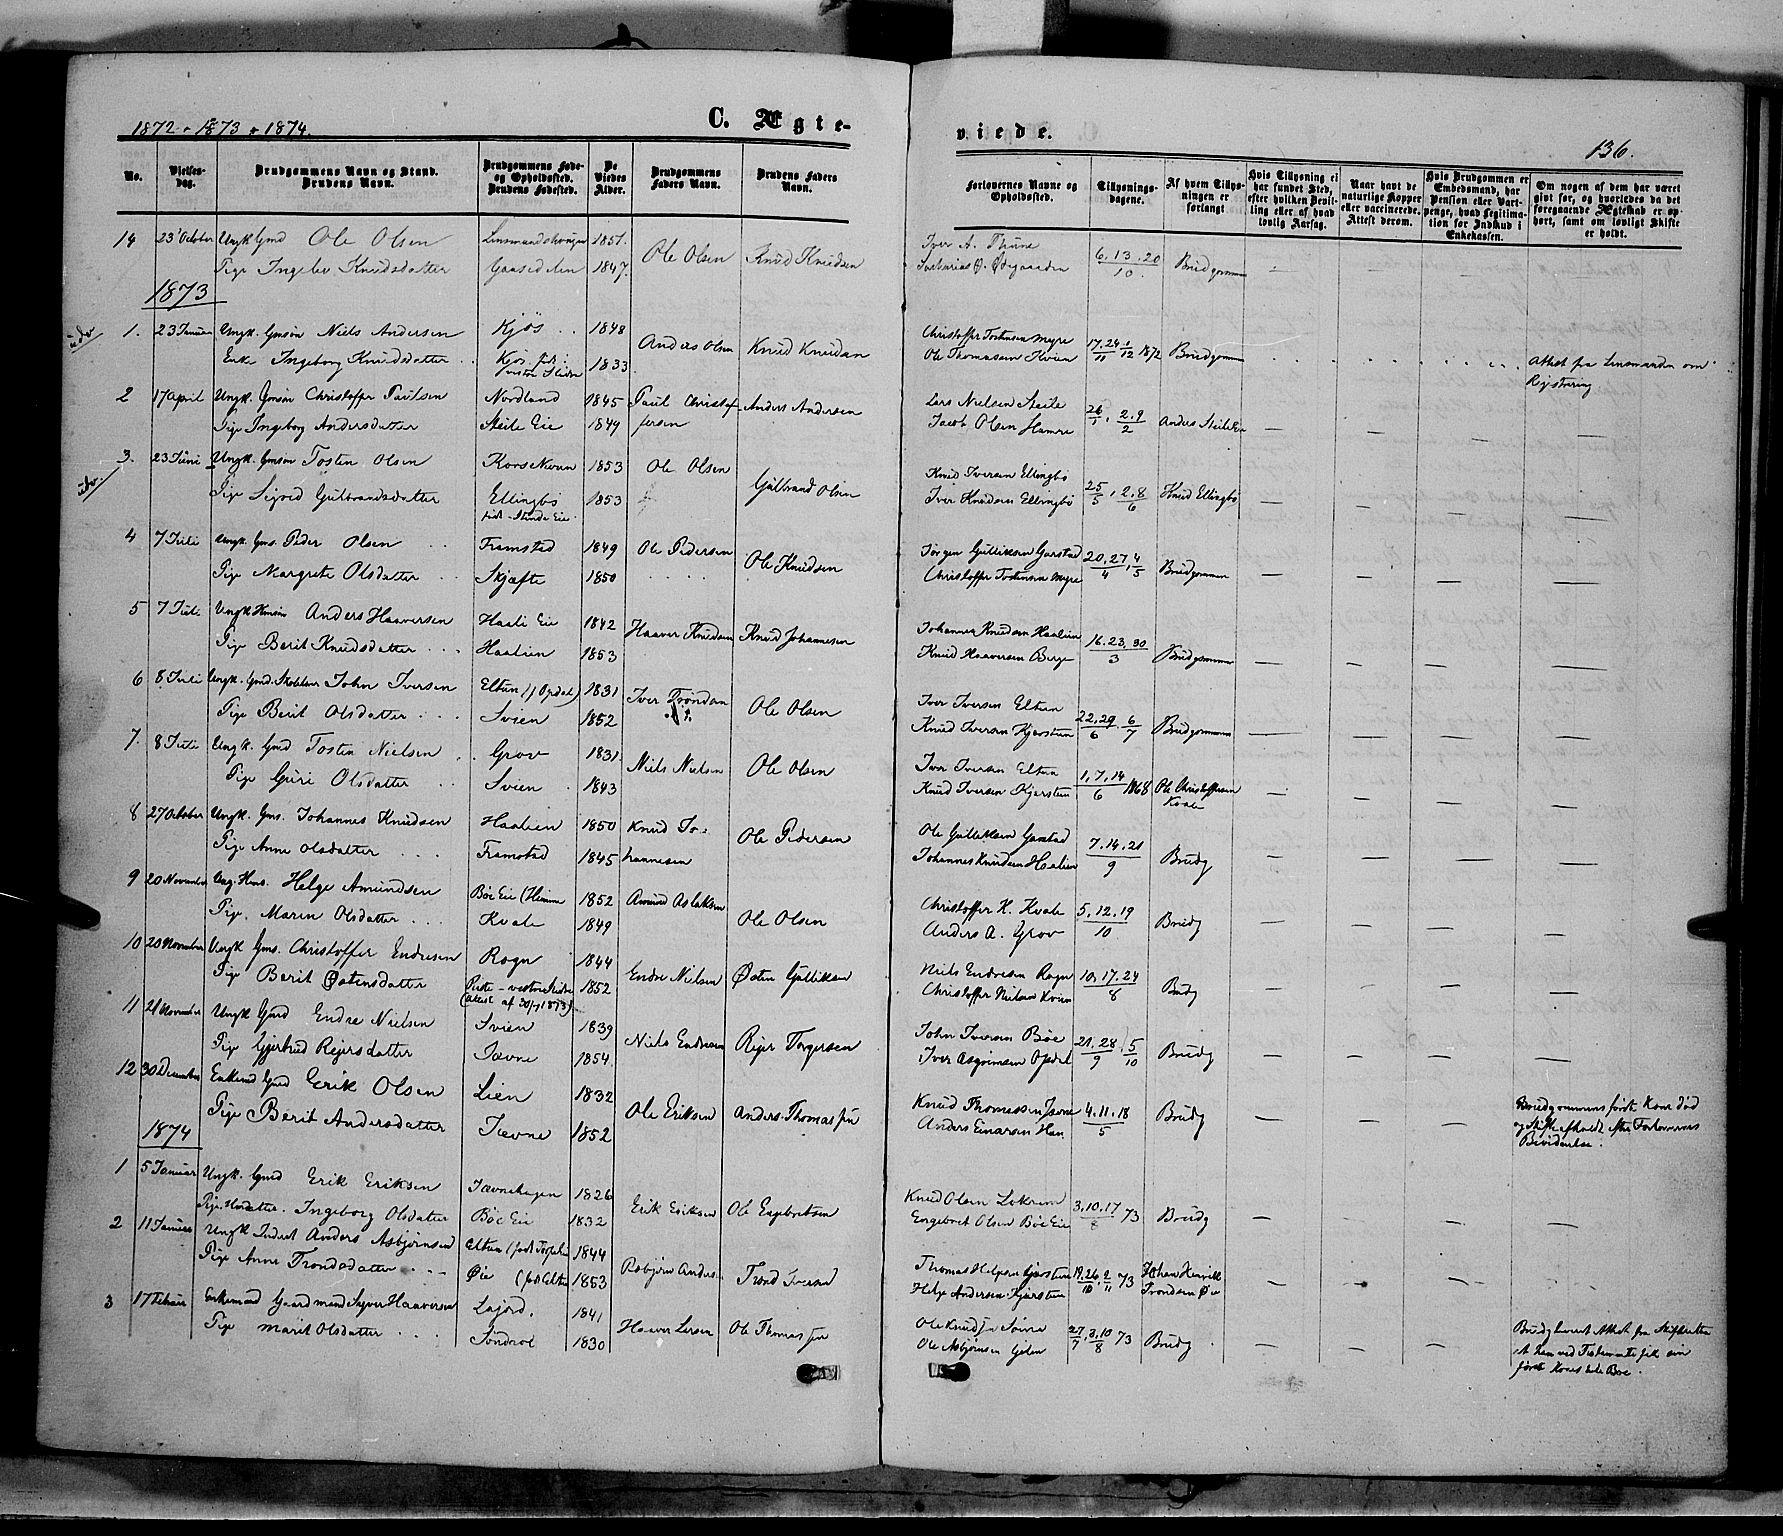 SAH, Vang prestekontor, Valdres, Ministerialbok nr. 7, 1865-1881, s. 136